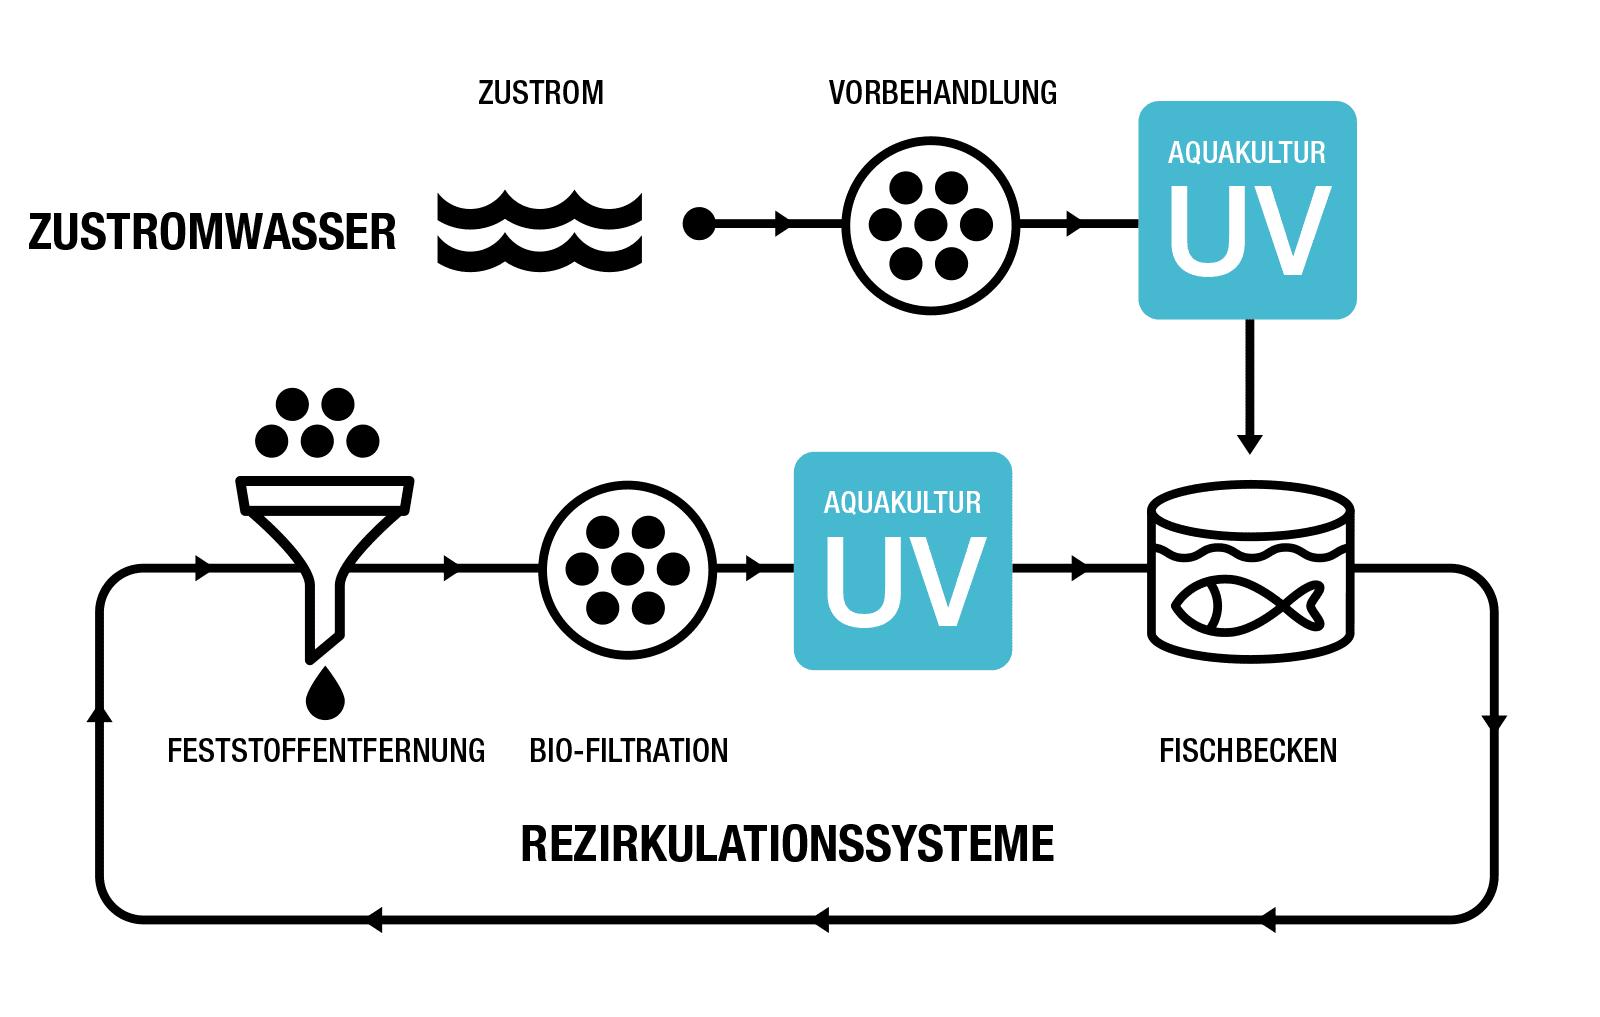 Anordnung von UV-Systemen in einem Aquakultur-Wassersystem.